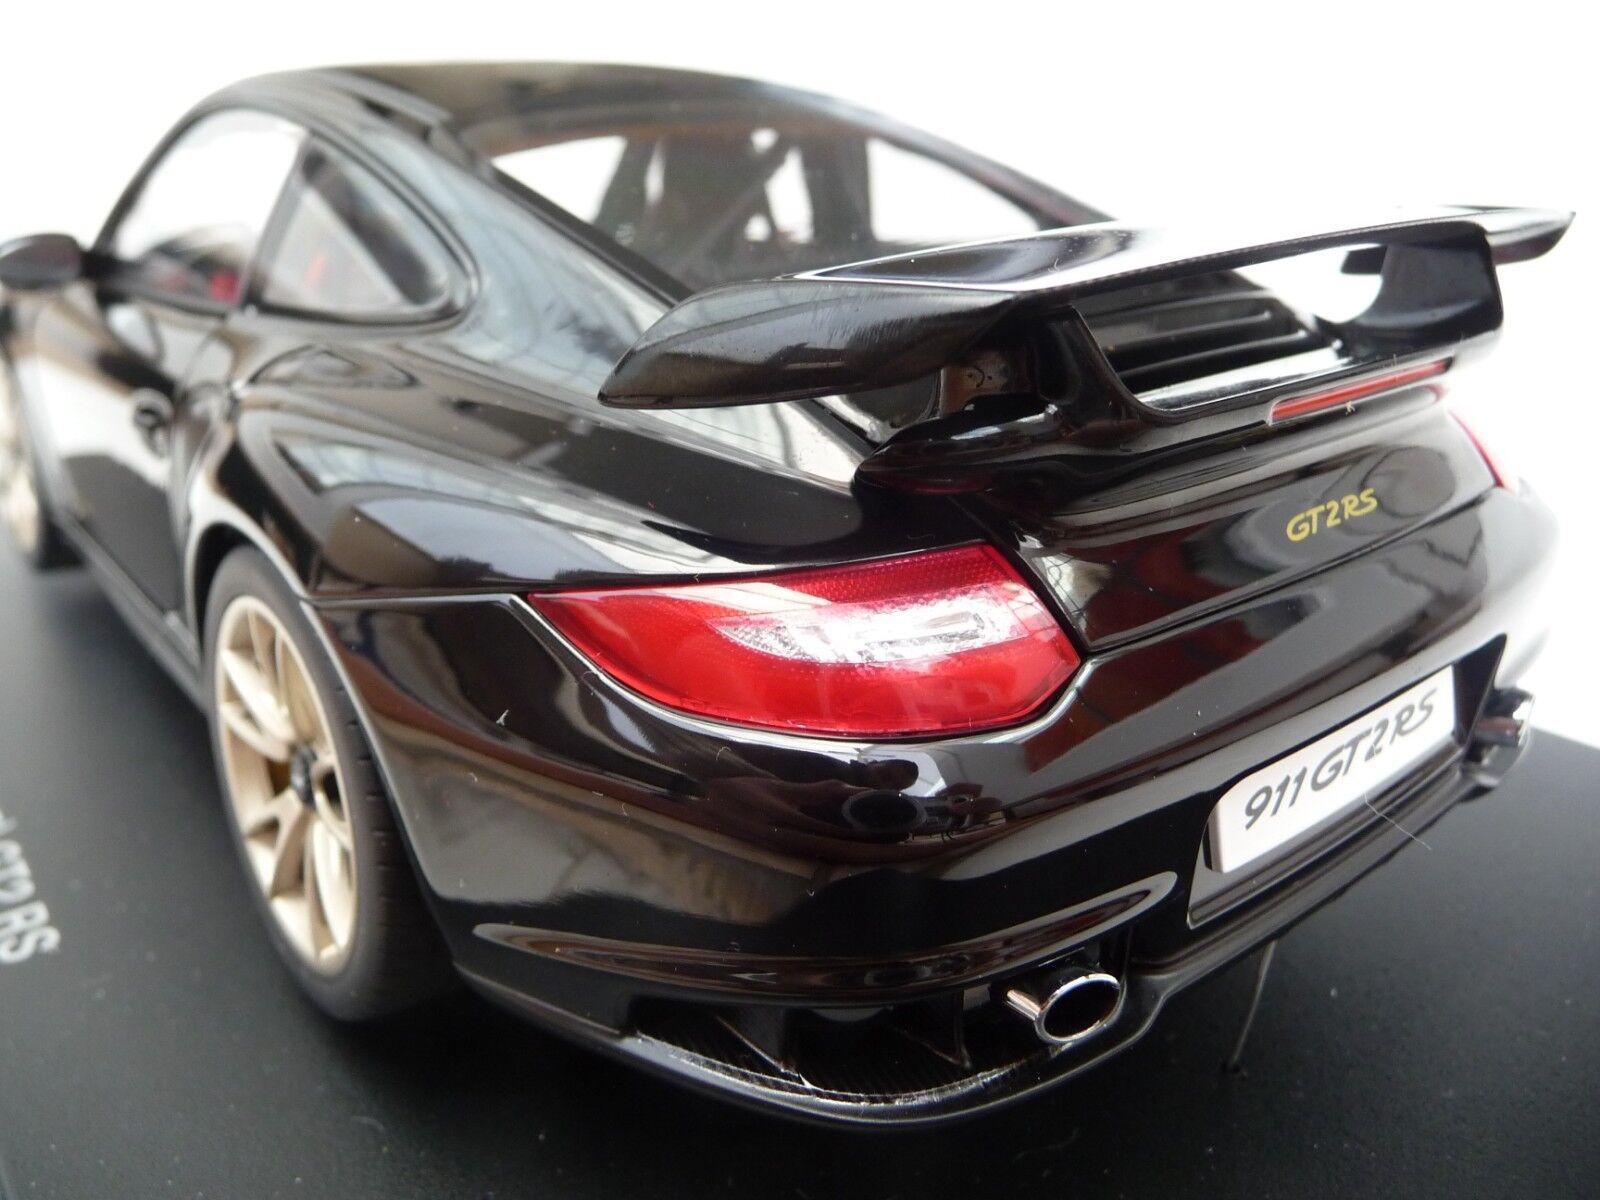 AUTOart 1 18 Porsche 911 (997) GT2 RS 2010 Black AA77962